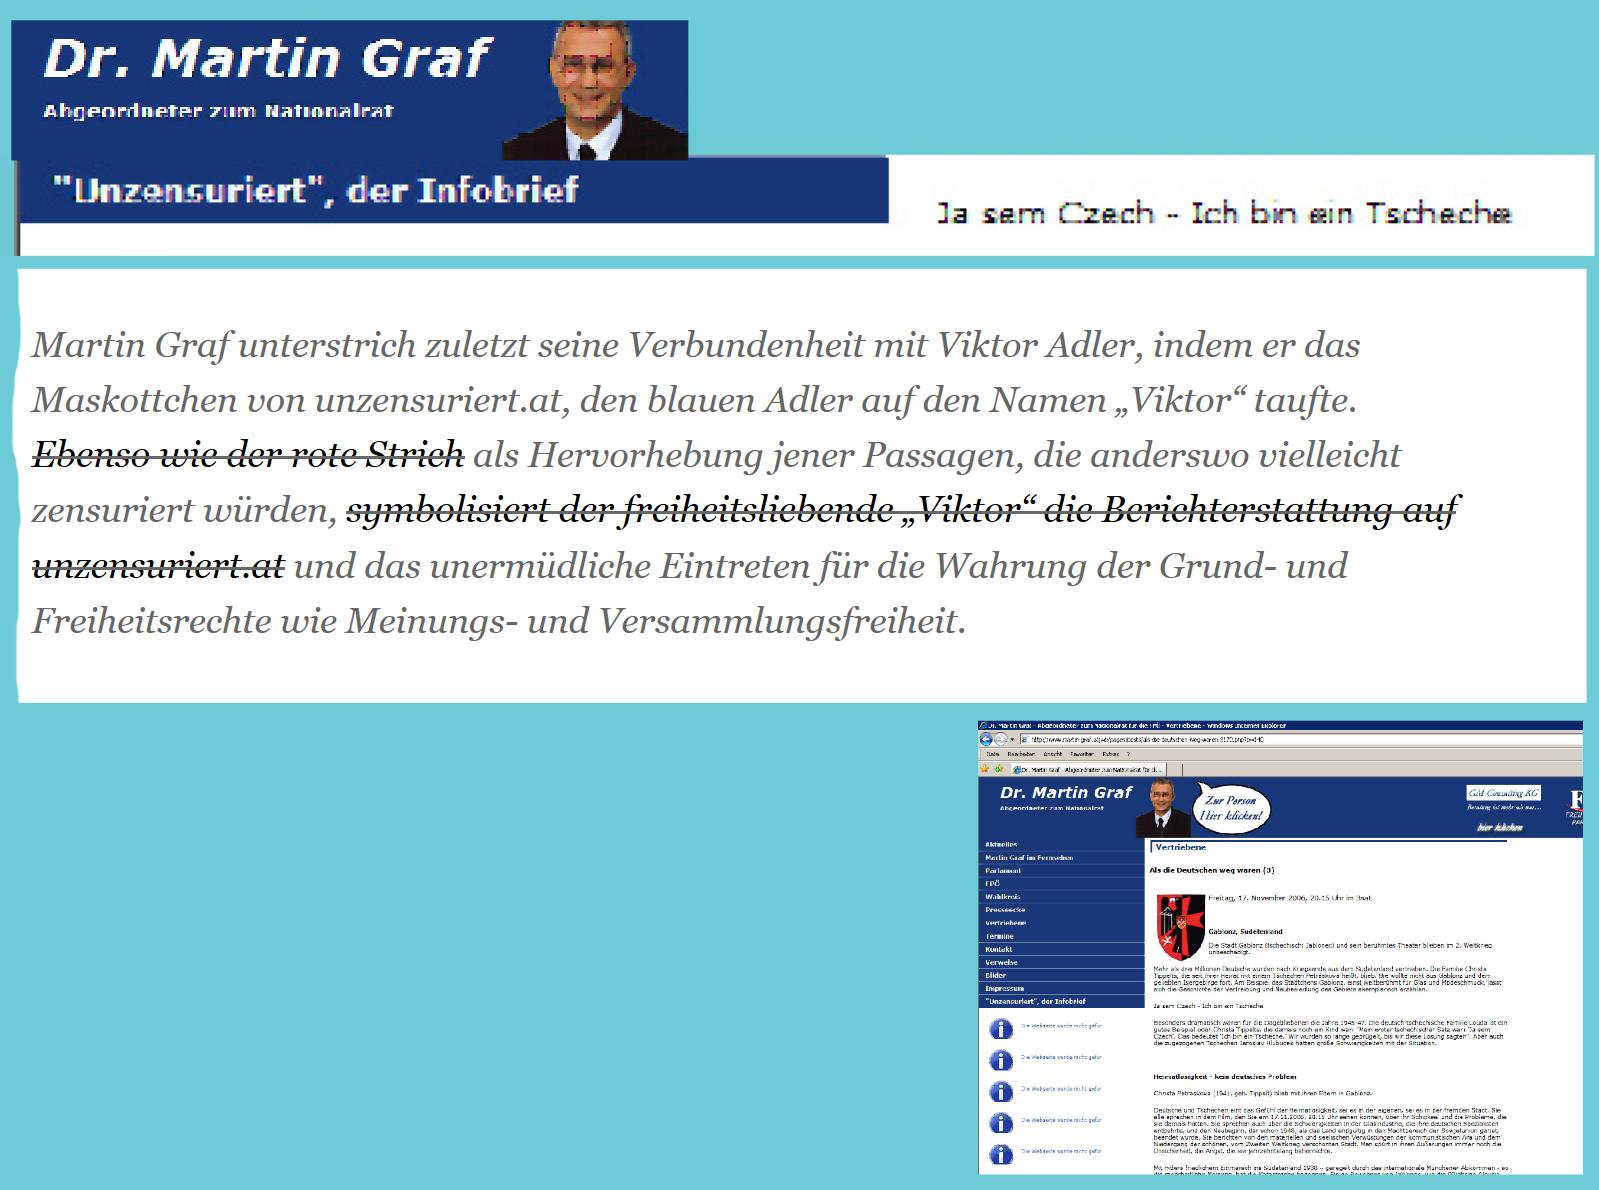 FPÖ Unzensuriert - Maskottchenpate und Gründer Martin Graf